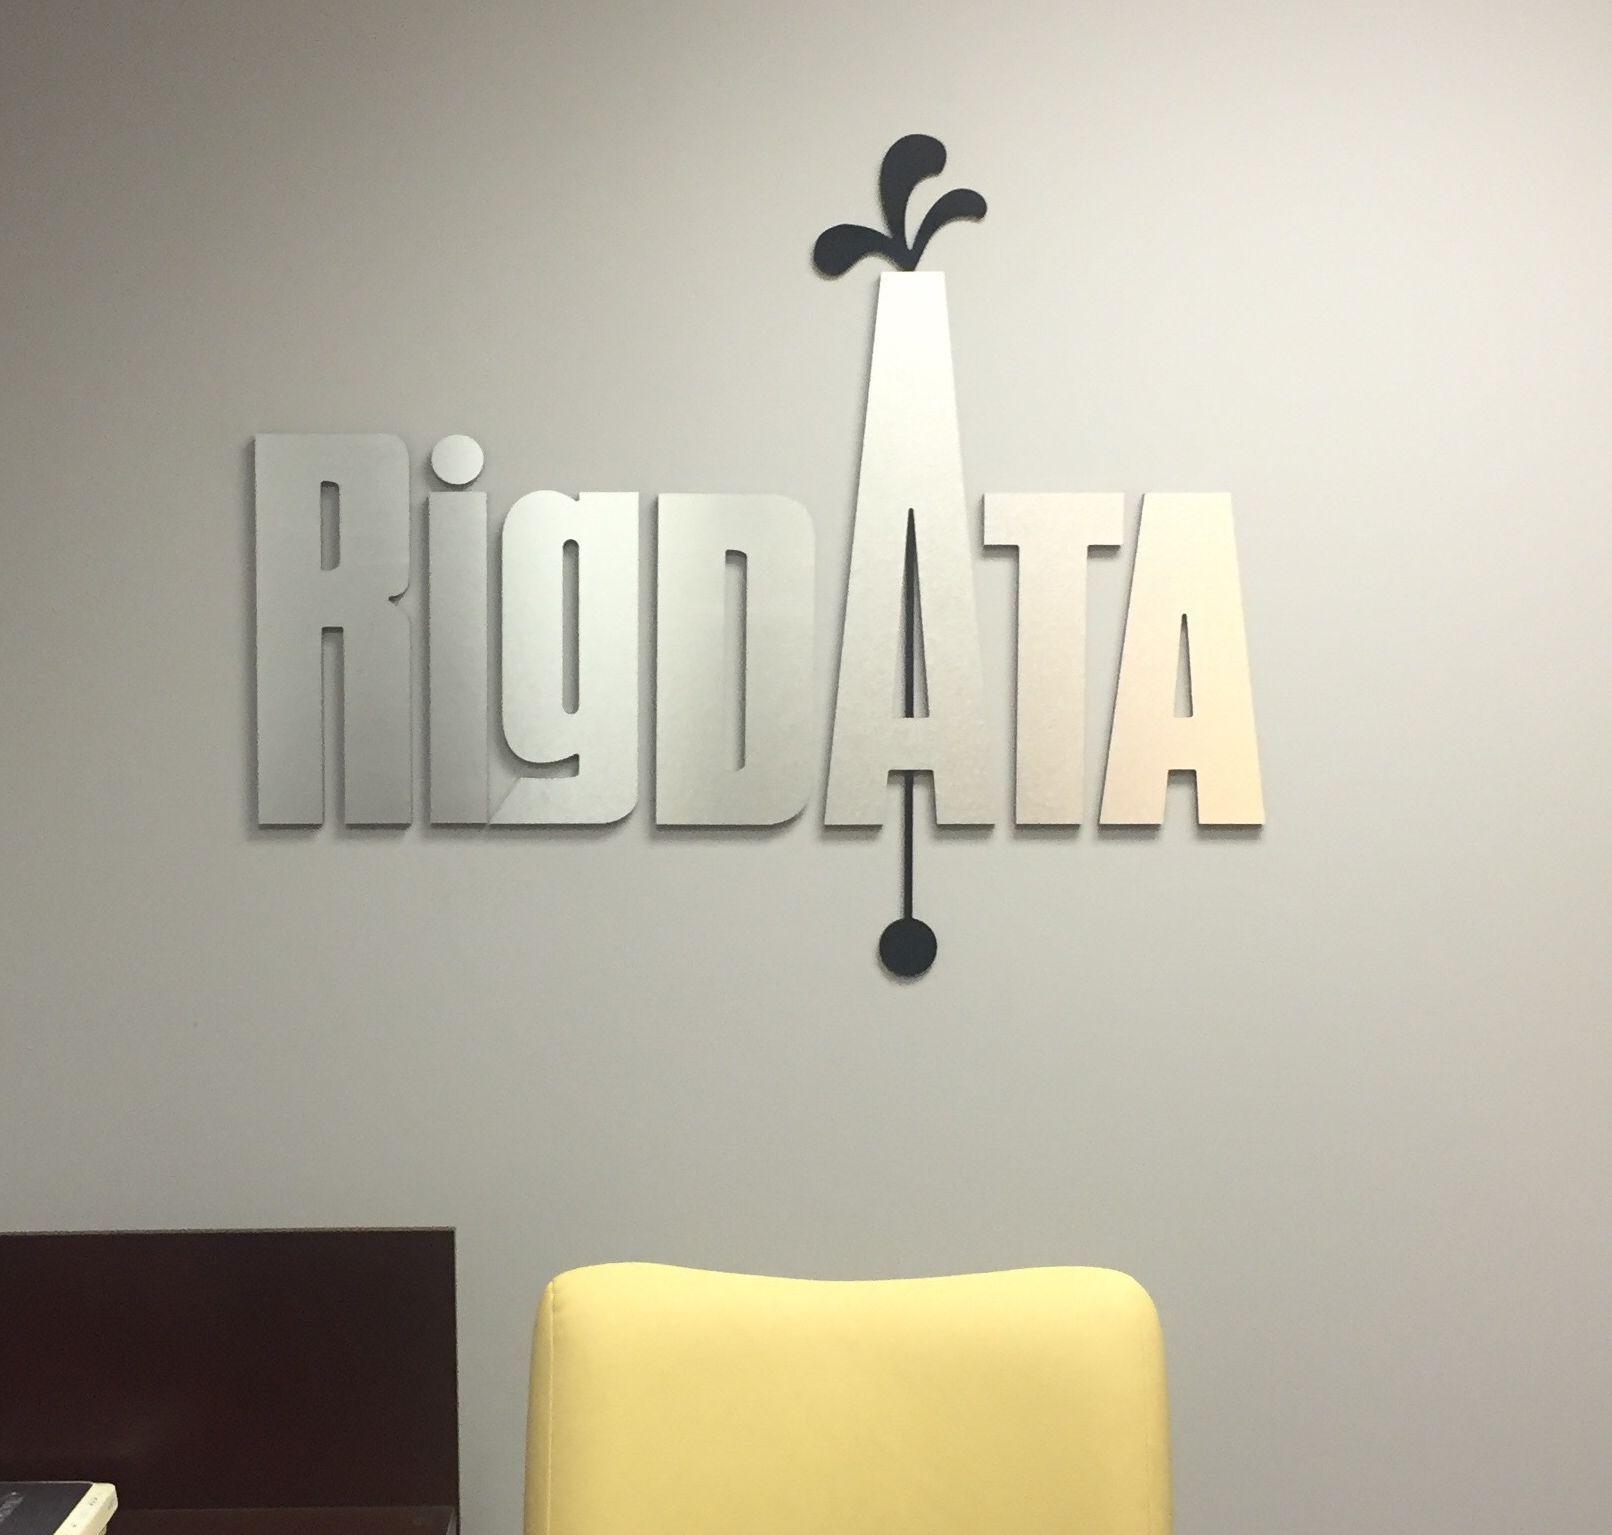 Rigdata - Interior Sign